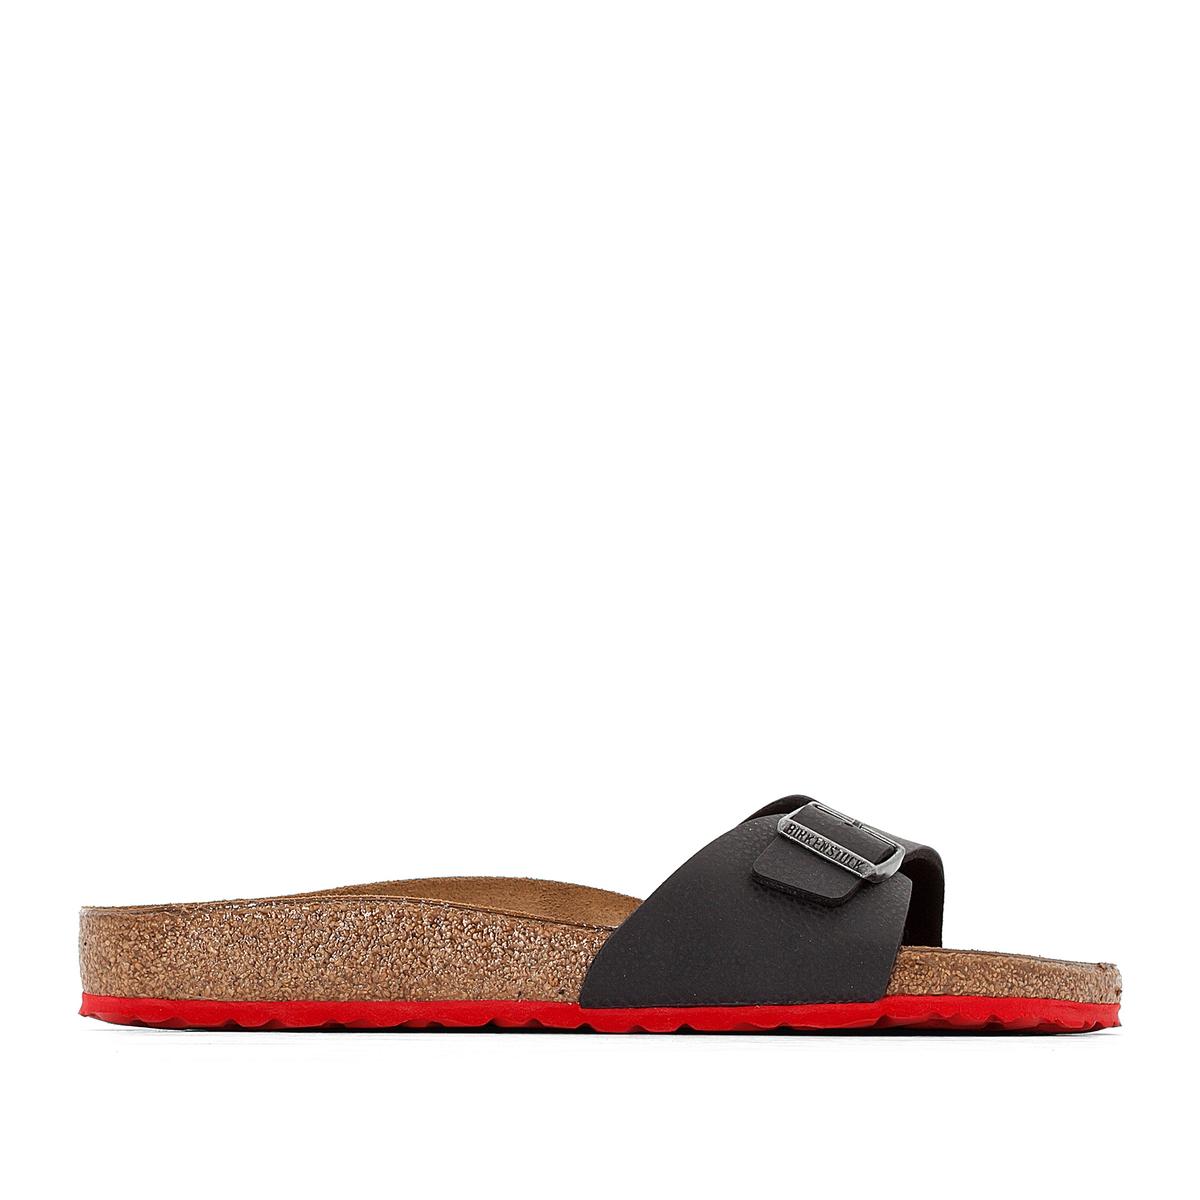 Туфли без задника MADRIDОписание:Детали •  Туфли без задника •  Застежка : без застежки •  Открытый мысок •  Гладкая отделкаСостав и уход •  Верх 100% синтетический материал •  Подкладка 100% текстиль •  Стелька 100% кожа •  Подошва 100% ЭВА<br><br>Цвет: черный/ красный